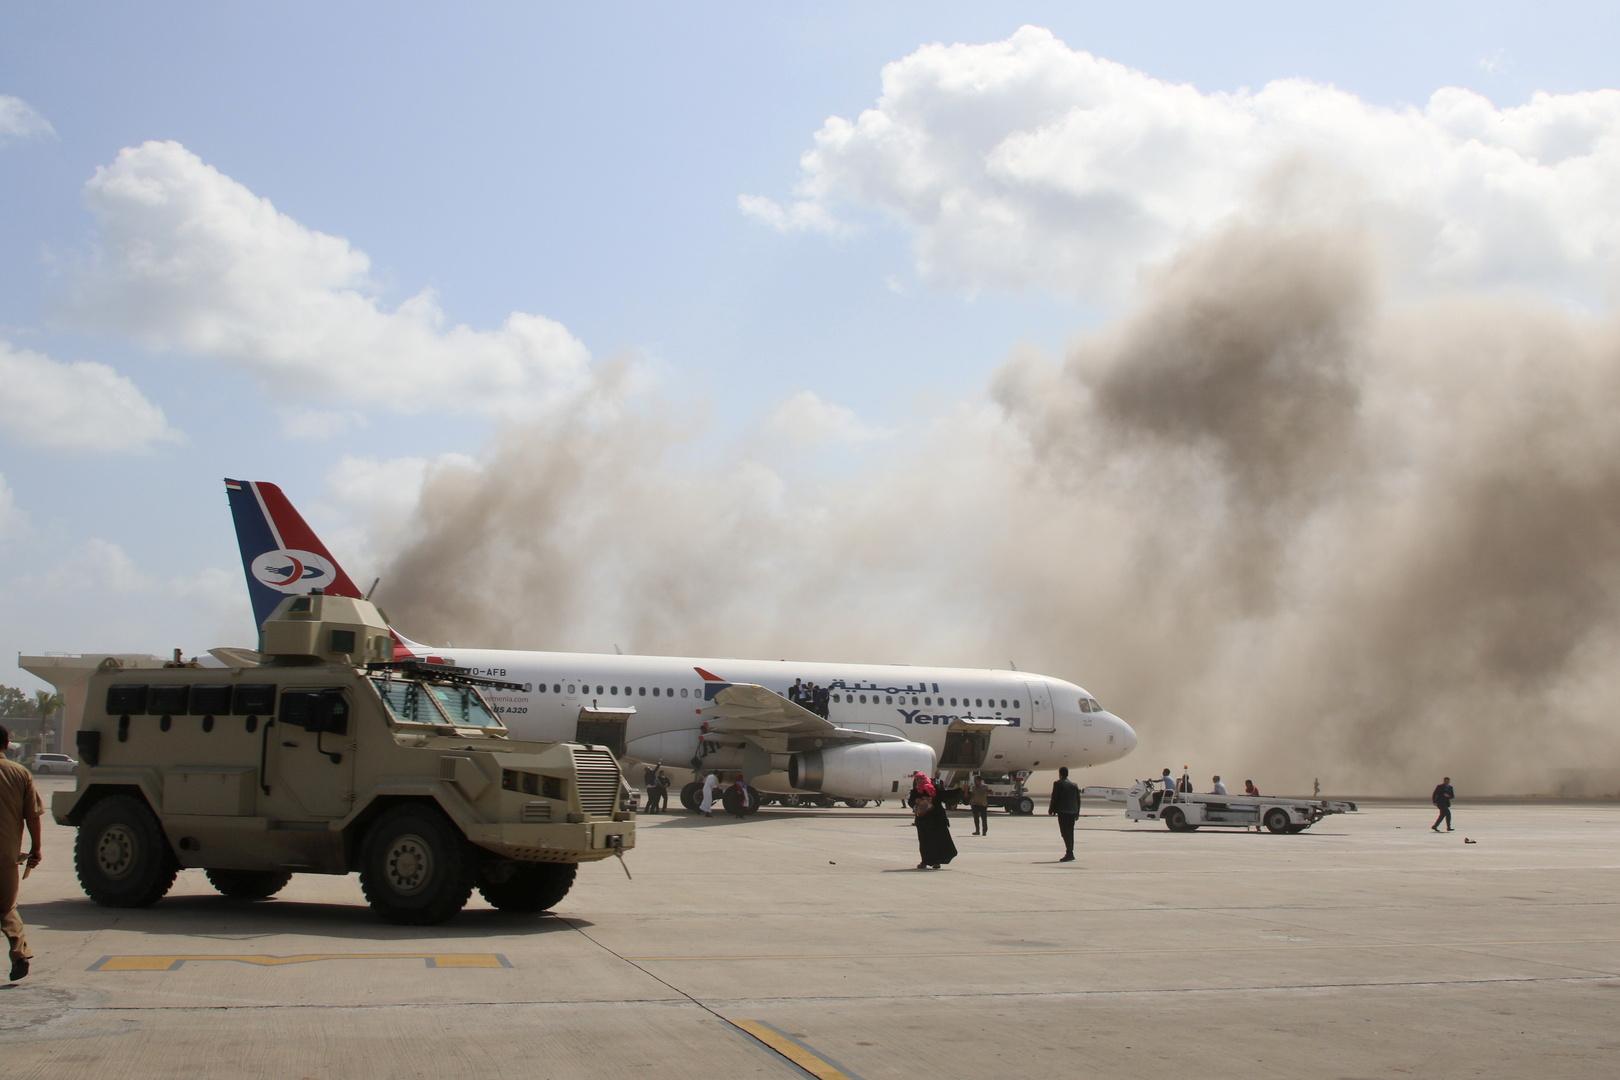 الحوثيون يصفون الهجوم على مطار عدن